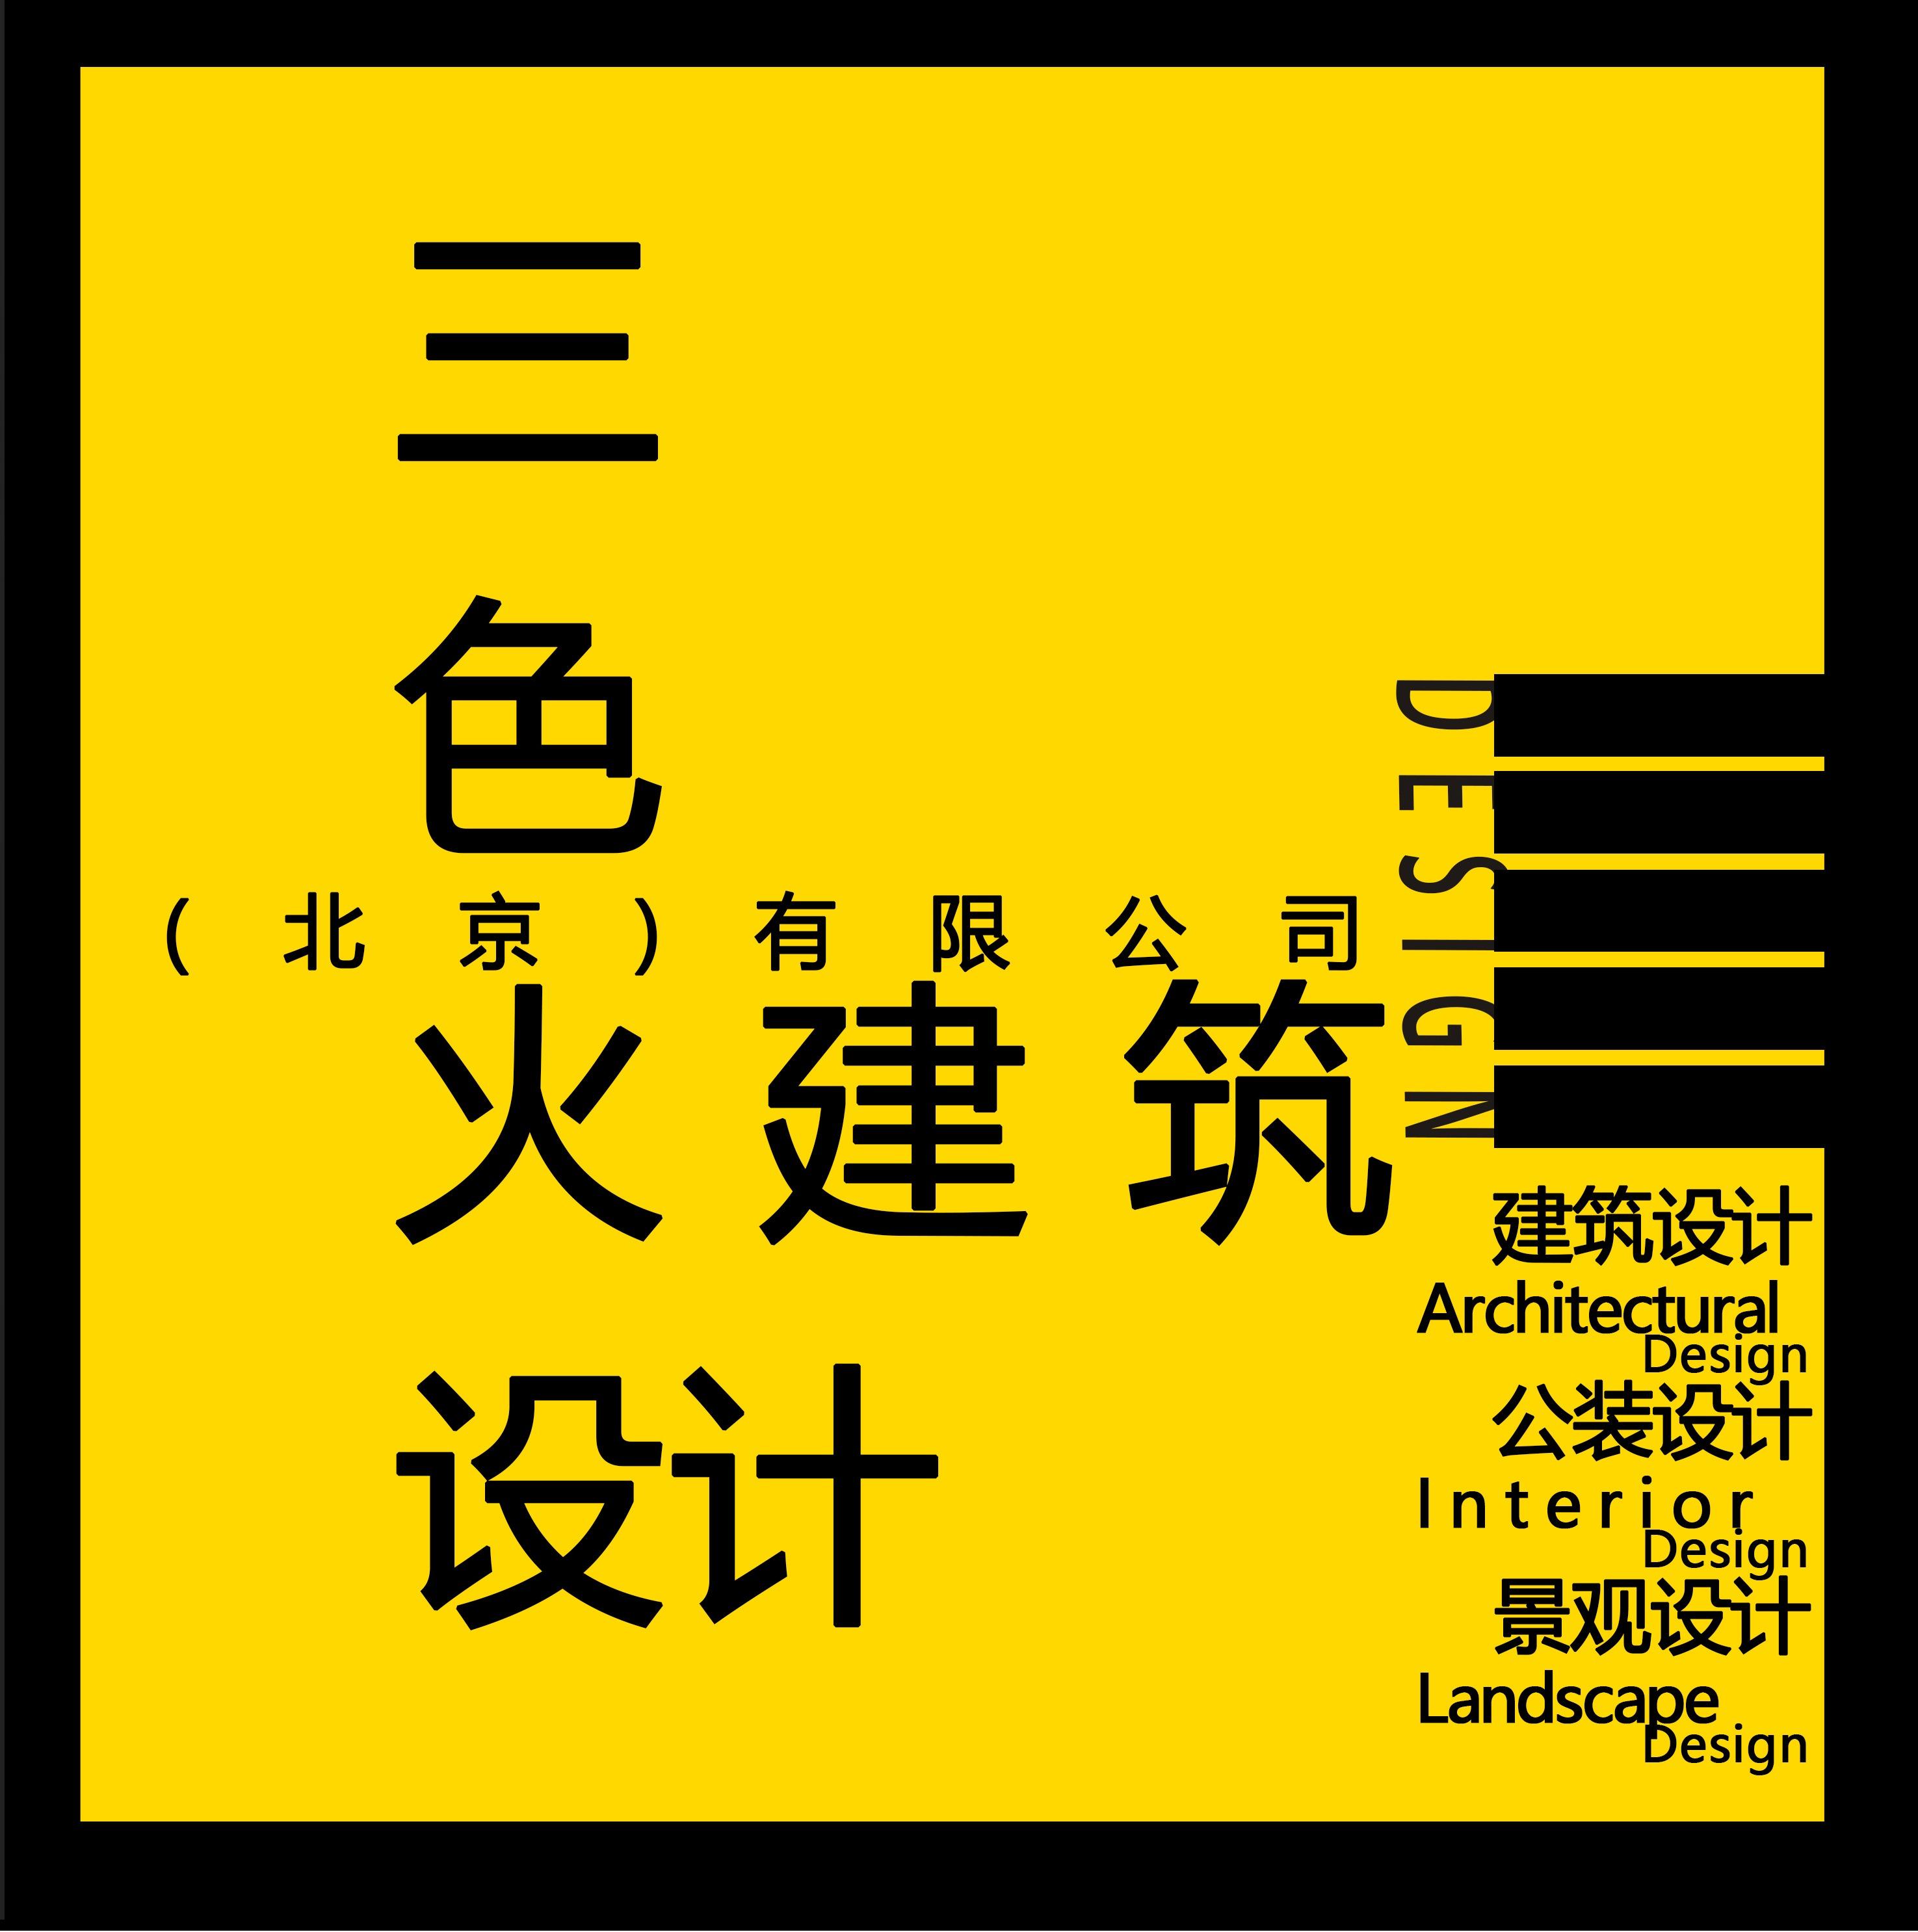 公装设计商务酒店设计度假酒店主题酒店民宿快捷酒店星级酒店设计